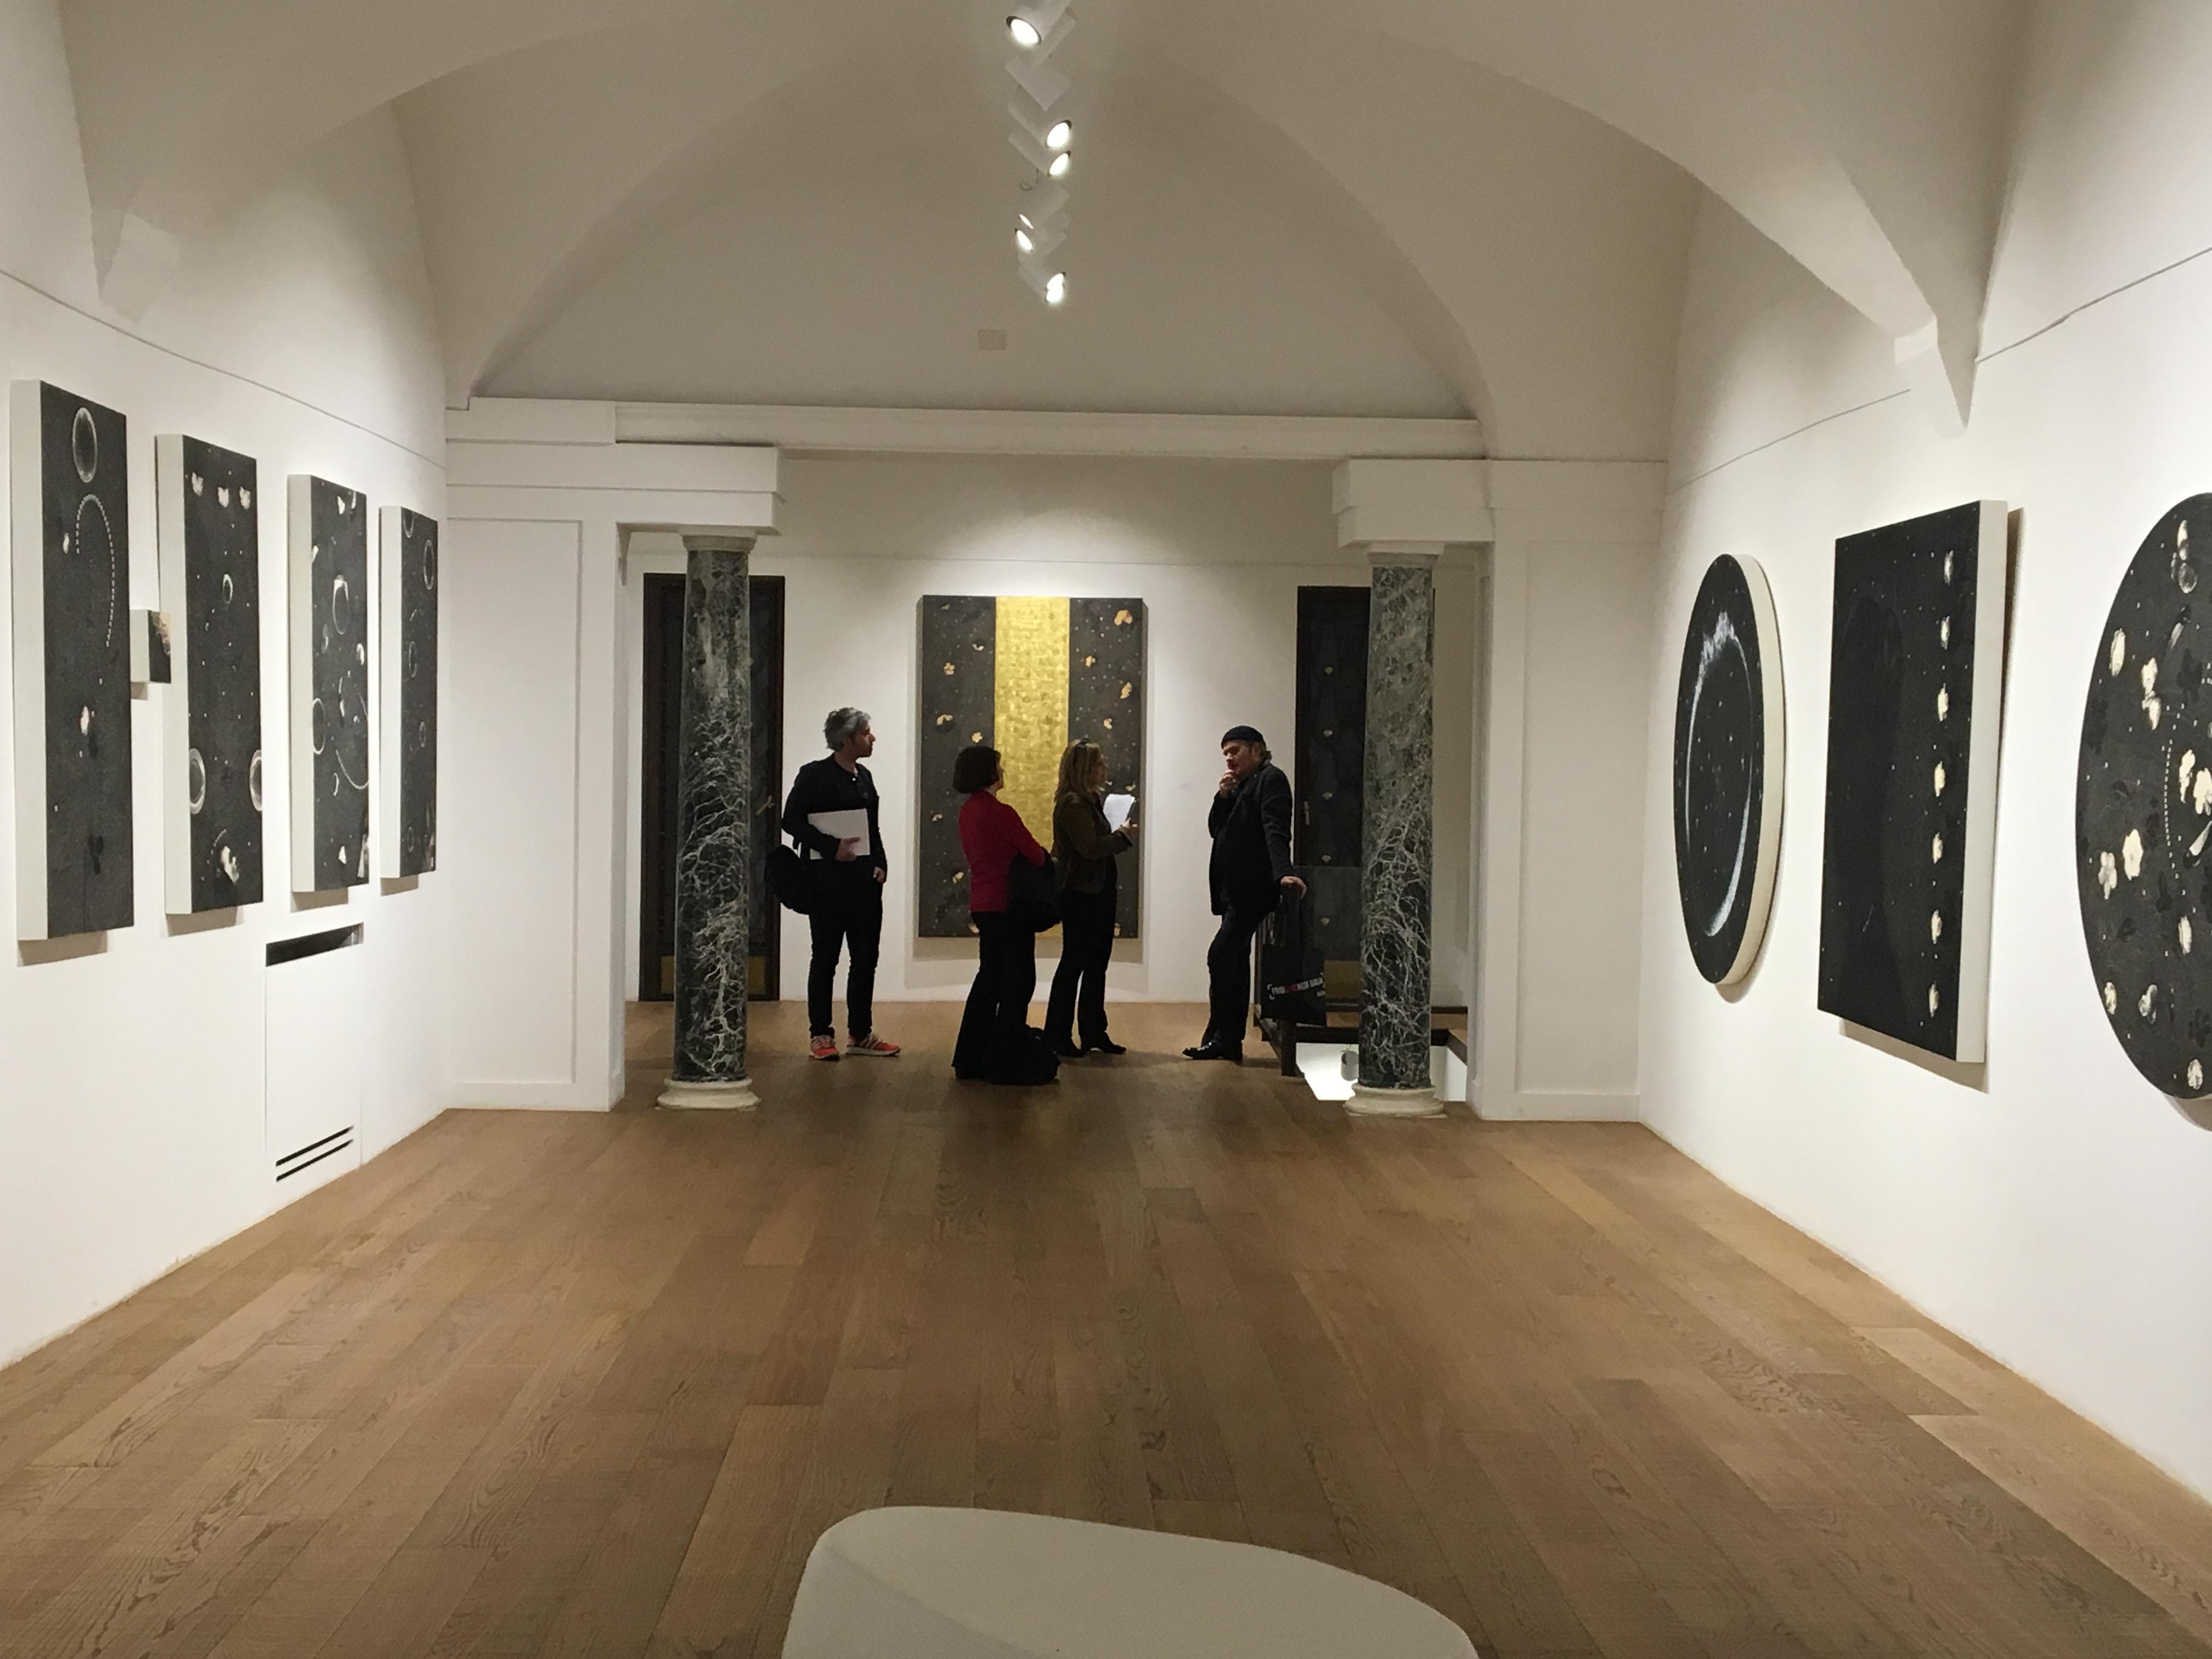 La Galleria Tornabuoni Arte